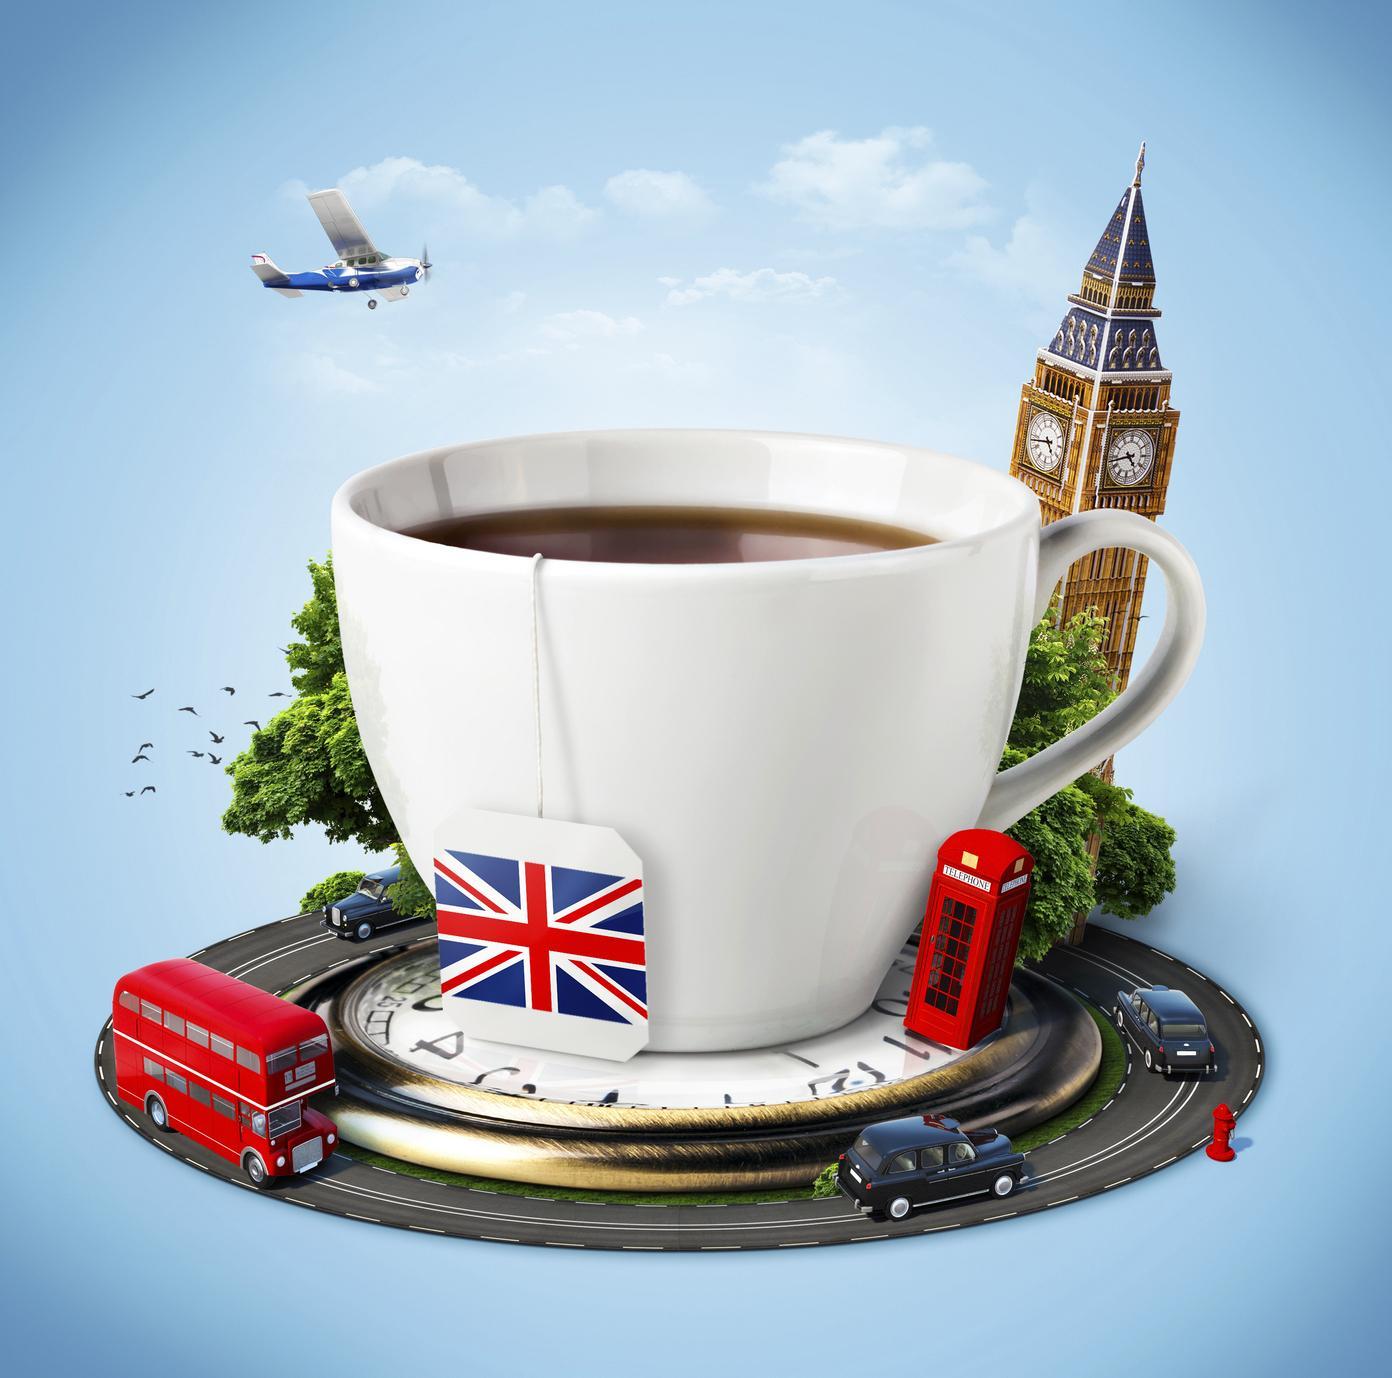 Cele mai populare destinații de vacanță în Regatul Unit